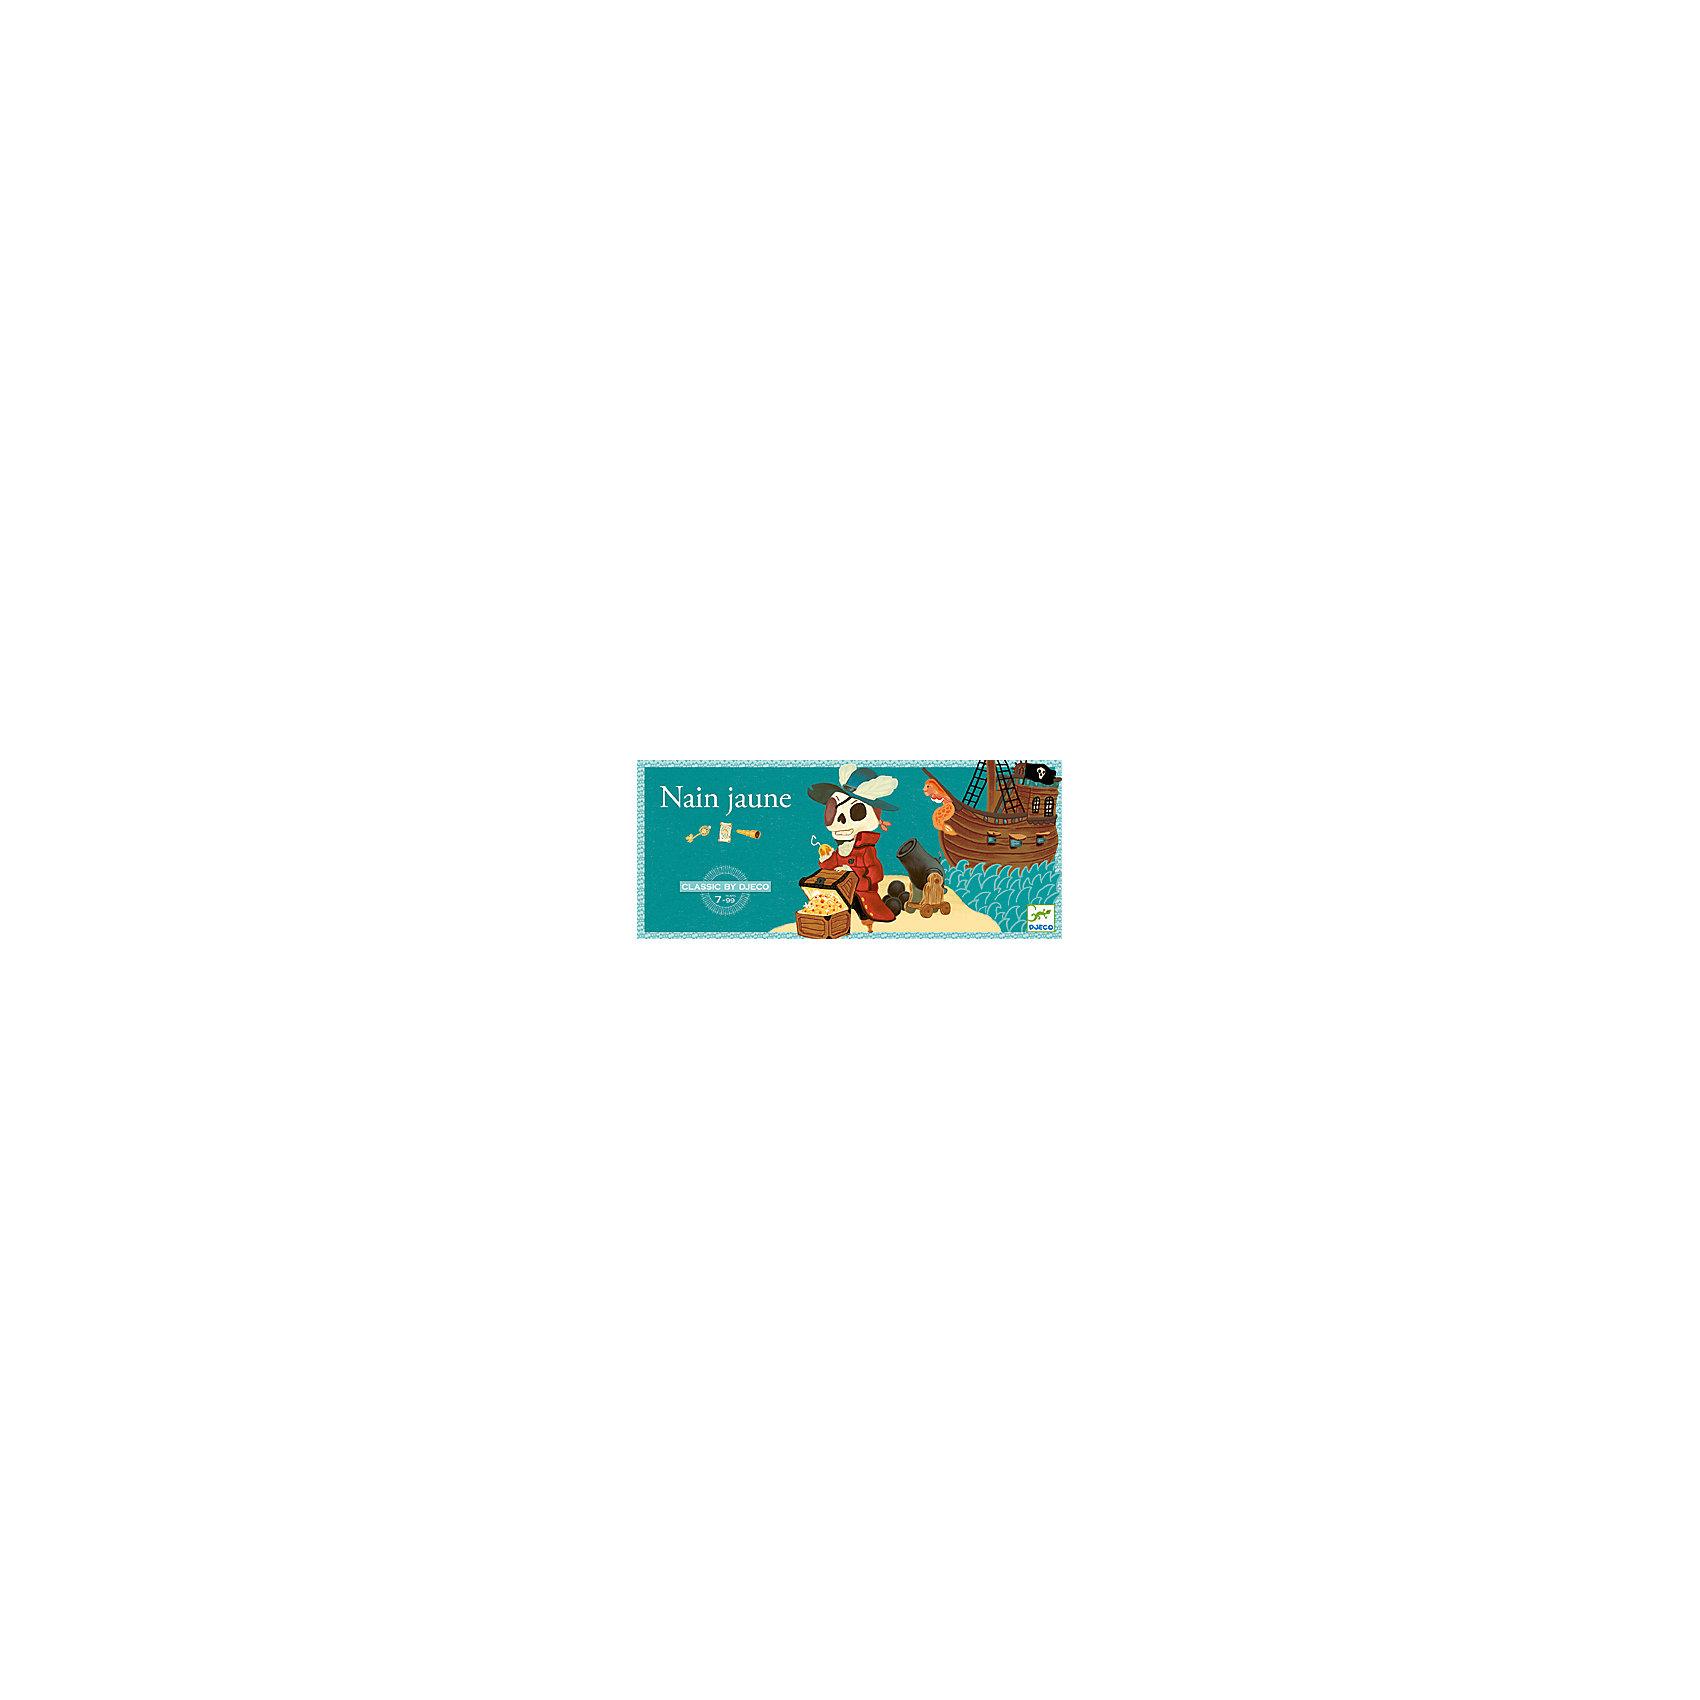 Игра Желтый карлик, DJECOИгры для развлечений<br>Игра Желтый карлик, Djeco (Джеко) - увлекательная настольная игра, которая придется пот душе всем любителям морских приключений и пиратской тематики. В игре могут участвовать от 2 до 4 игроков. Цель игры состоит в том, чтобы собрать как можно больше сокровищ. Перед началом игры, каждый игрок получает по 19 жетонов, которые обозначают различные драгоценности, а также определенное число карт. Остальные карты откладываются рубашкой вверх и используются в следующей партии. Игровая доска помещается по центру стола между игроками. В центре доски находится сундук капитана Крюка. Игроки делают ставки и по очереди выкладывают по старшинству карты в стопку. Если игрок не может продолжить начатую серию, ход переходит к следующему игроку, который должен продолжить эту же серию. Сбросивший все карты получает слиток золота за каждую карту, которая остается на руках у остальных участников. Побеждает тот, кто соберет за игру больше всех сокровищ.<br><br>Дополнительная информация:<br><br>- В комплекте: 1 игровая доска с 5 картами выигрыша, 1 сундук капитана Крюка, 52 карты (в том числе 5 выигрышных), 78 жетонов (12 алмазов, 12 рубинов, 12 сапфиров, 12 изумрудов, 30 слитков золота), подробные правила игры.<br>- Материал: картон, дерево.<br>- Размер упаковки: 42 x 16 x 3,5 см.<br><br>Игру Желтый карлик, Djeco (Джеко), можно купить в нашем магазине.<br><br>Ширина мм: 40<br>Глубина мм: 420<br>Высота мм: 160<br>Вес г: 850<br>Возраст от месяцев: 84<br>Возраст до месяцев: 120<br>Пол: Унисекс<br>Возраст: Детский<br>SKU: 4566287